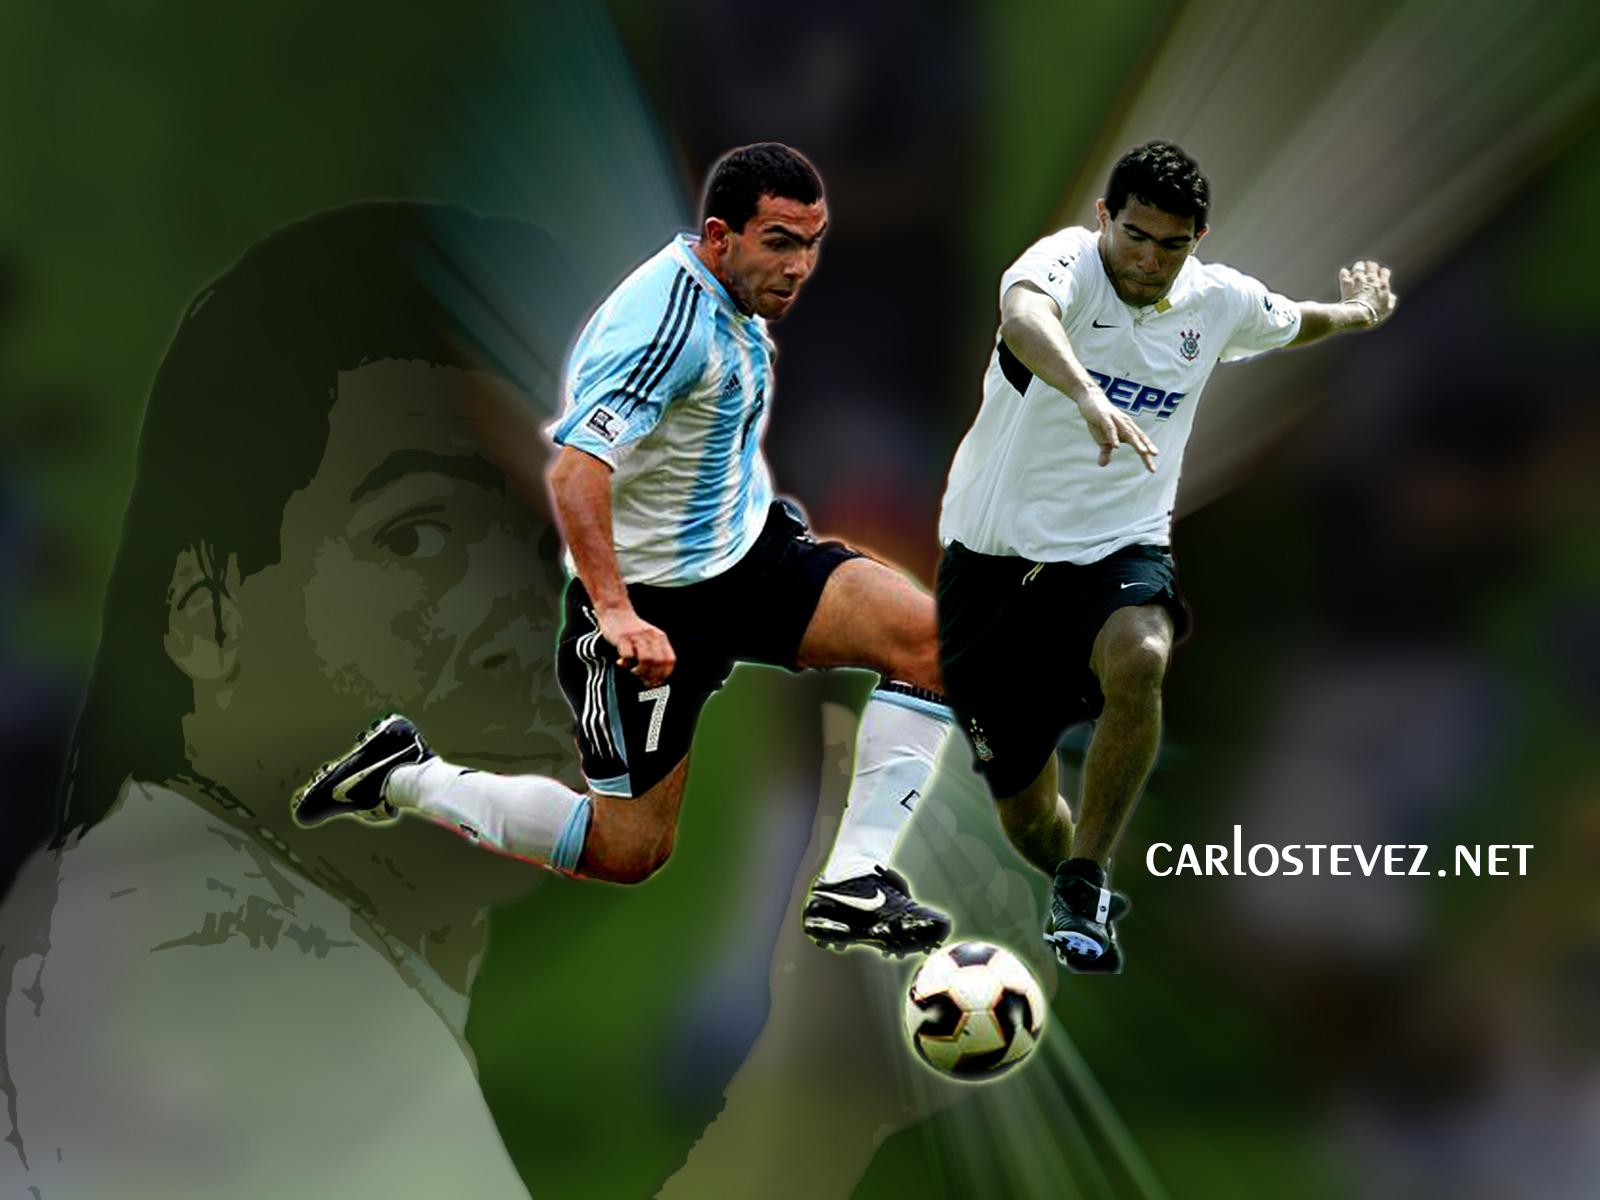 http://4.bp.blogspot.com/-Cv_x5qiZmTo/Te92P6WJV0I/AAAAAAAACCM/6PFNZmWc58M/s1600/Carlos-Tevez-Wallpaper-4.jpg